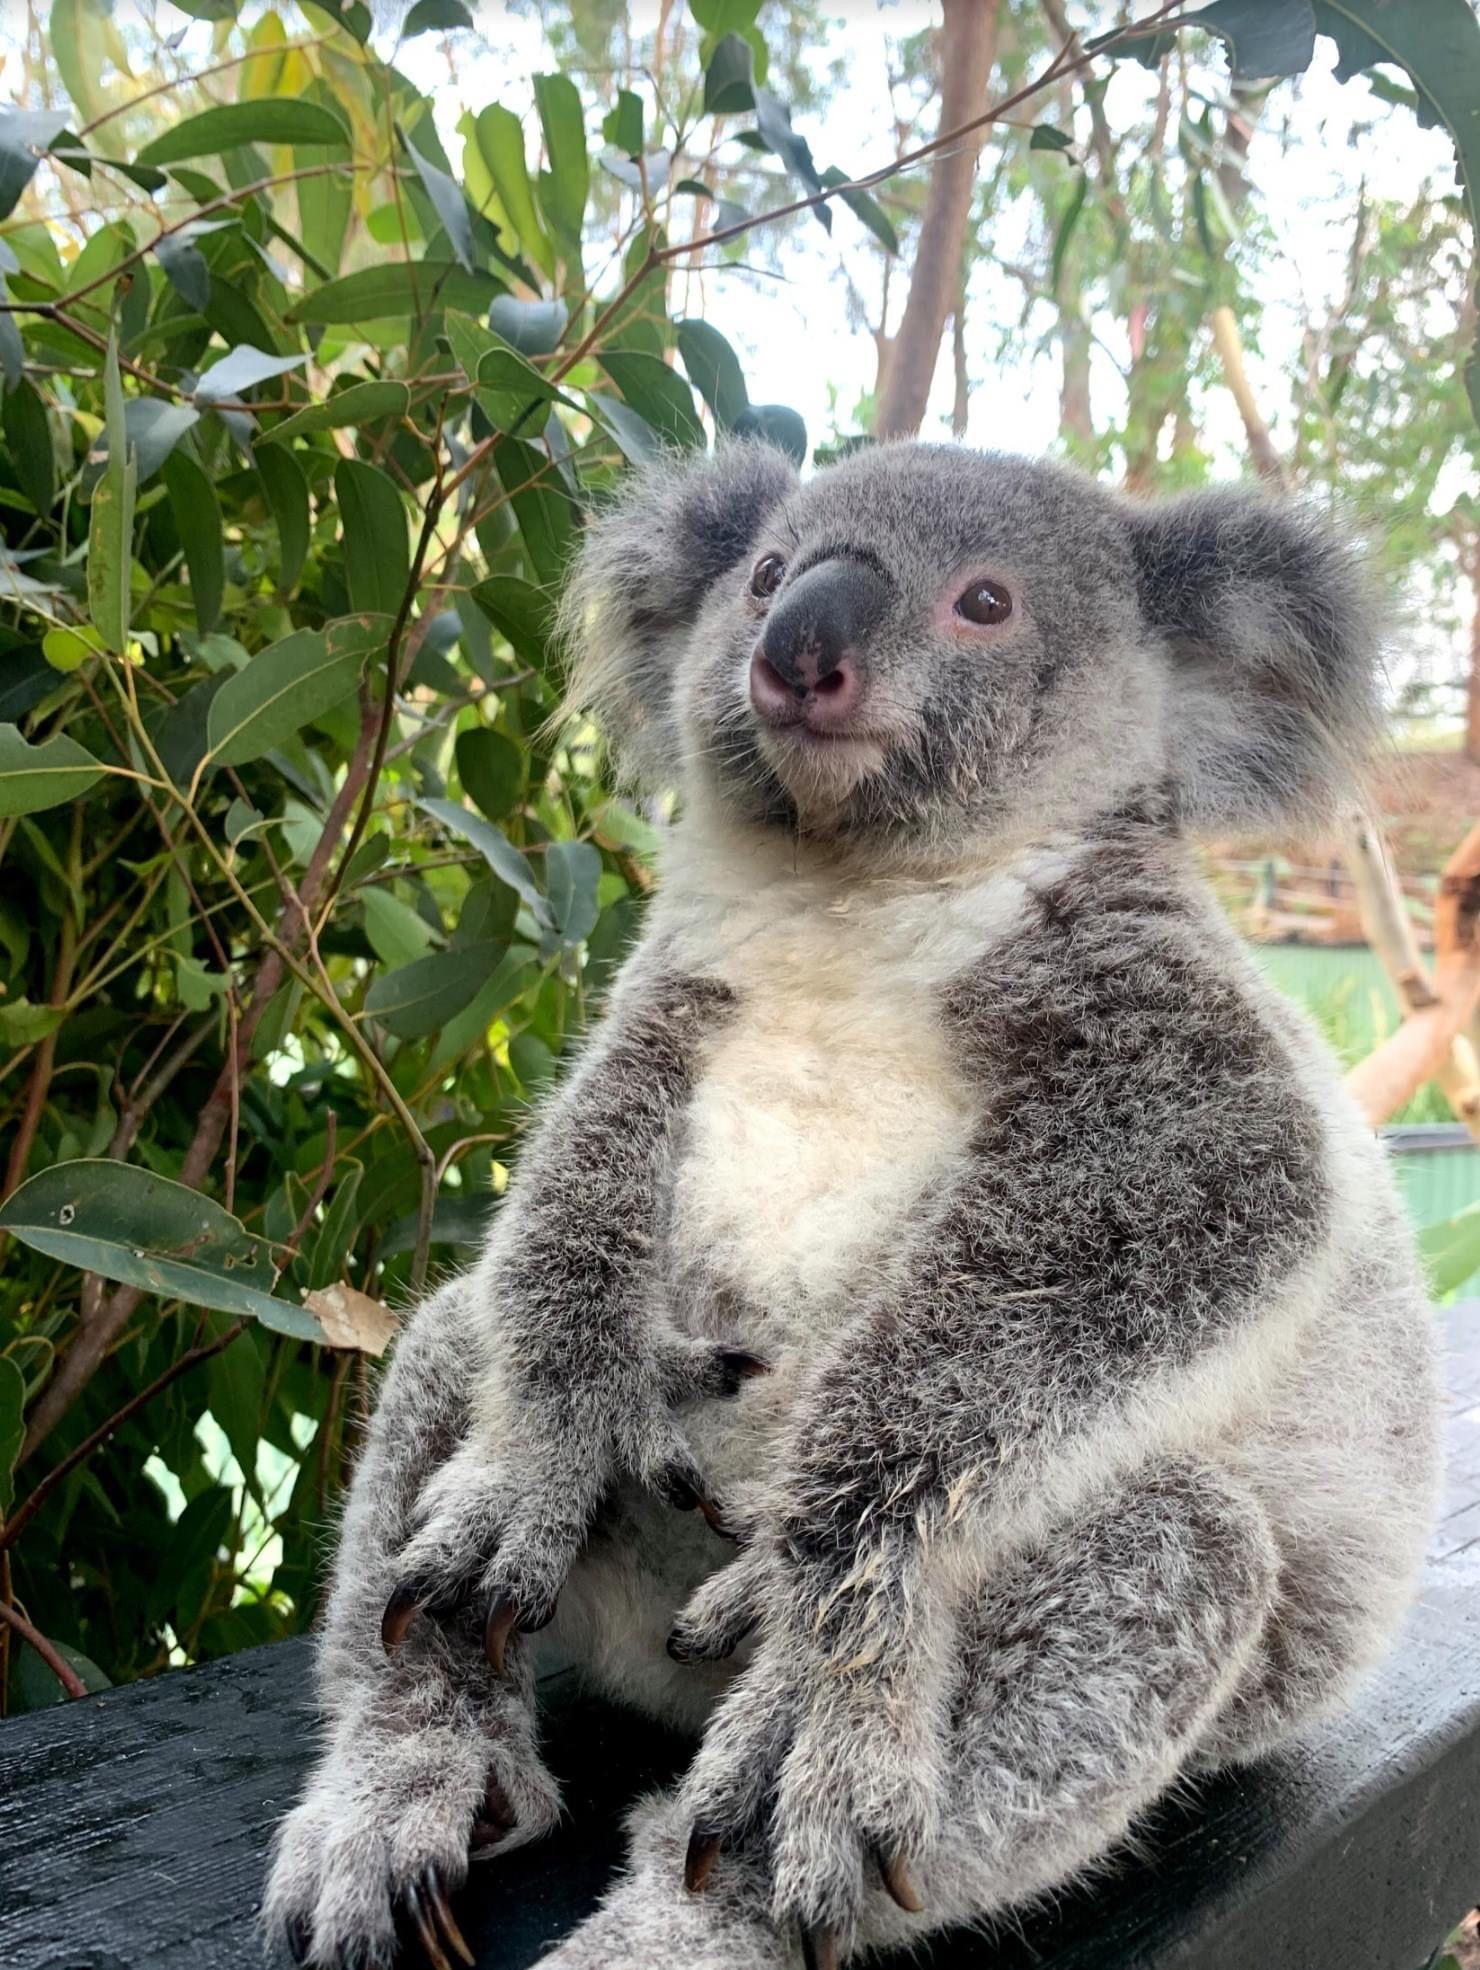 Pin on Koalas!